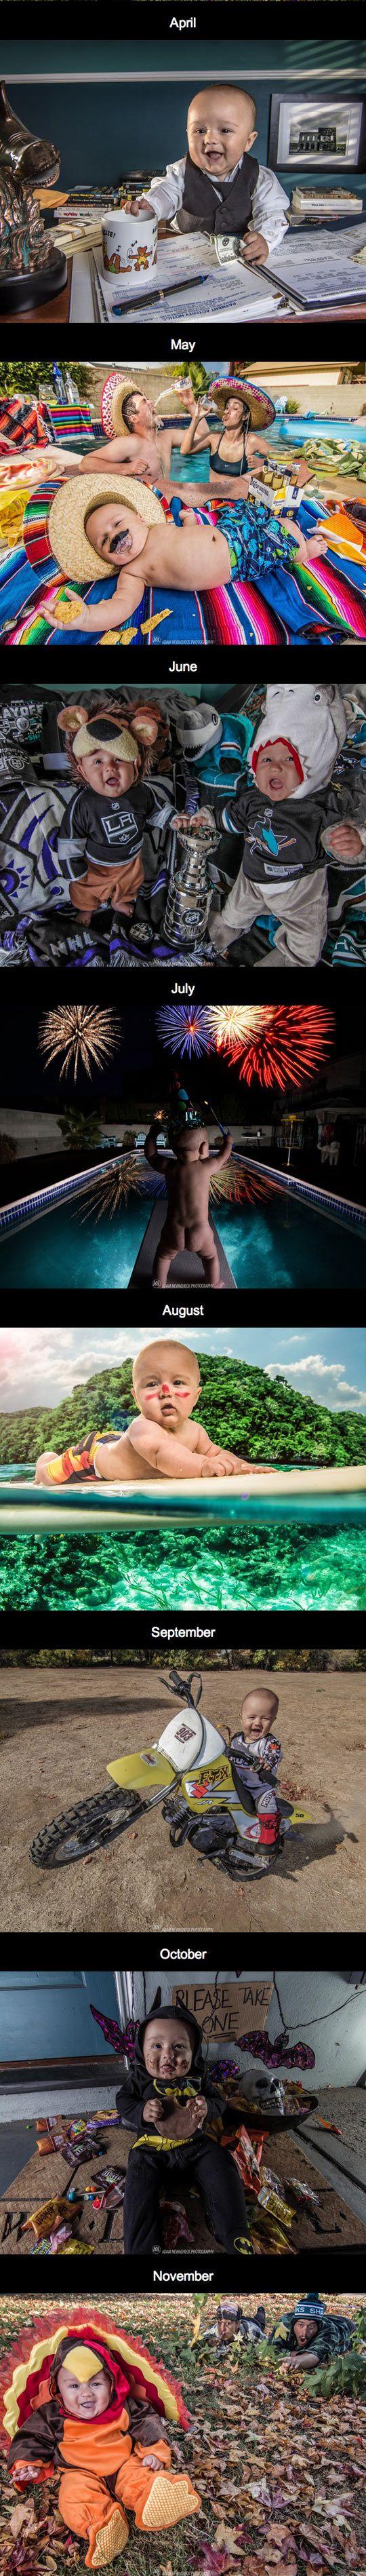 An adorable calendar of a baby! (Click for more!)